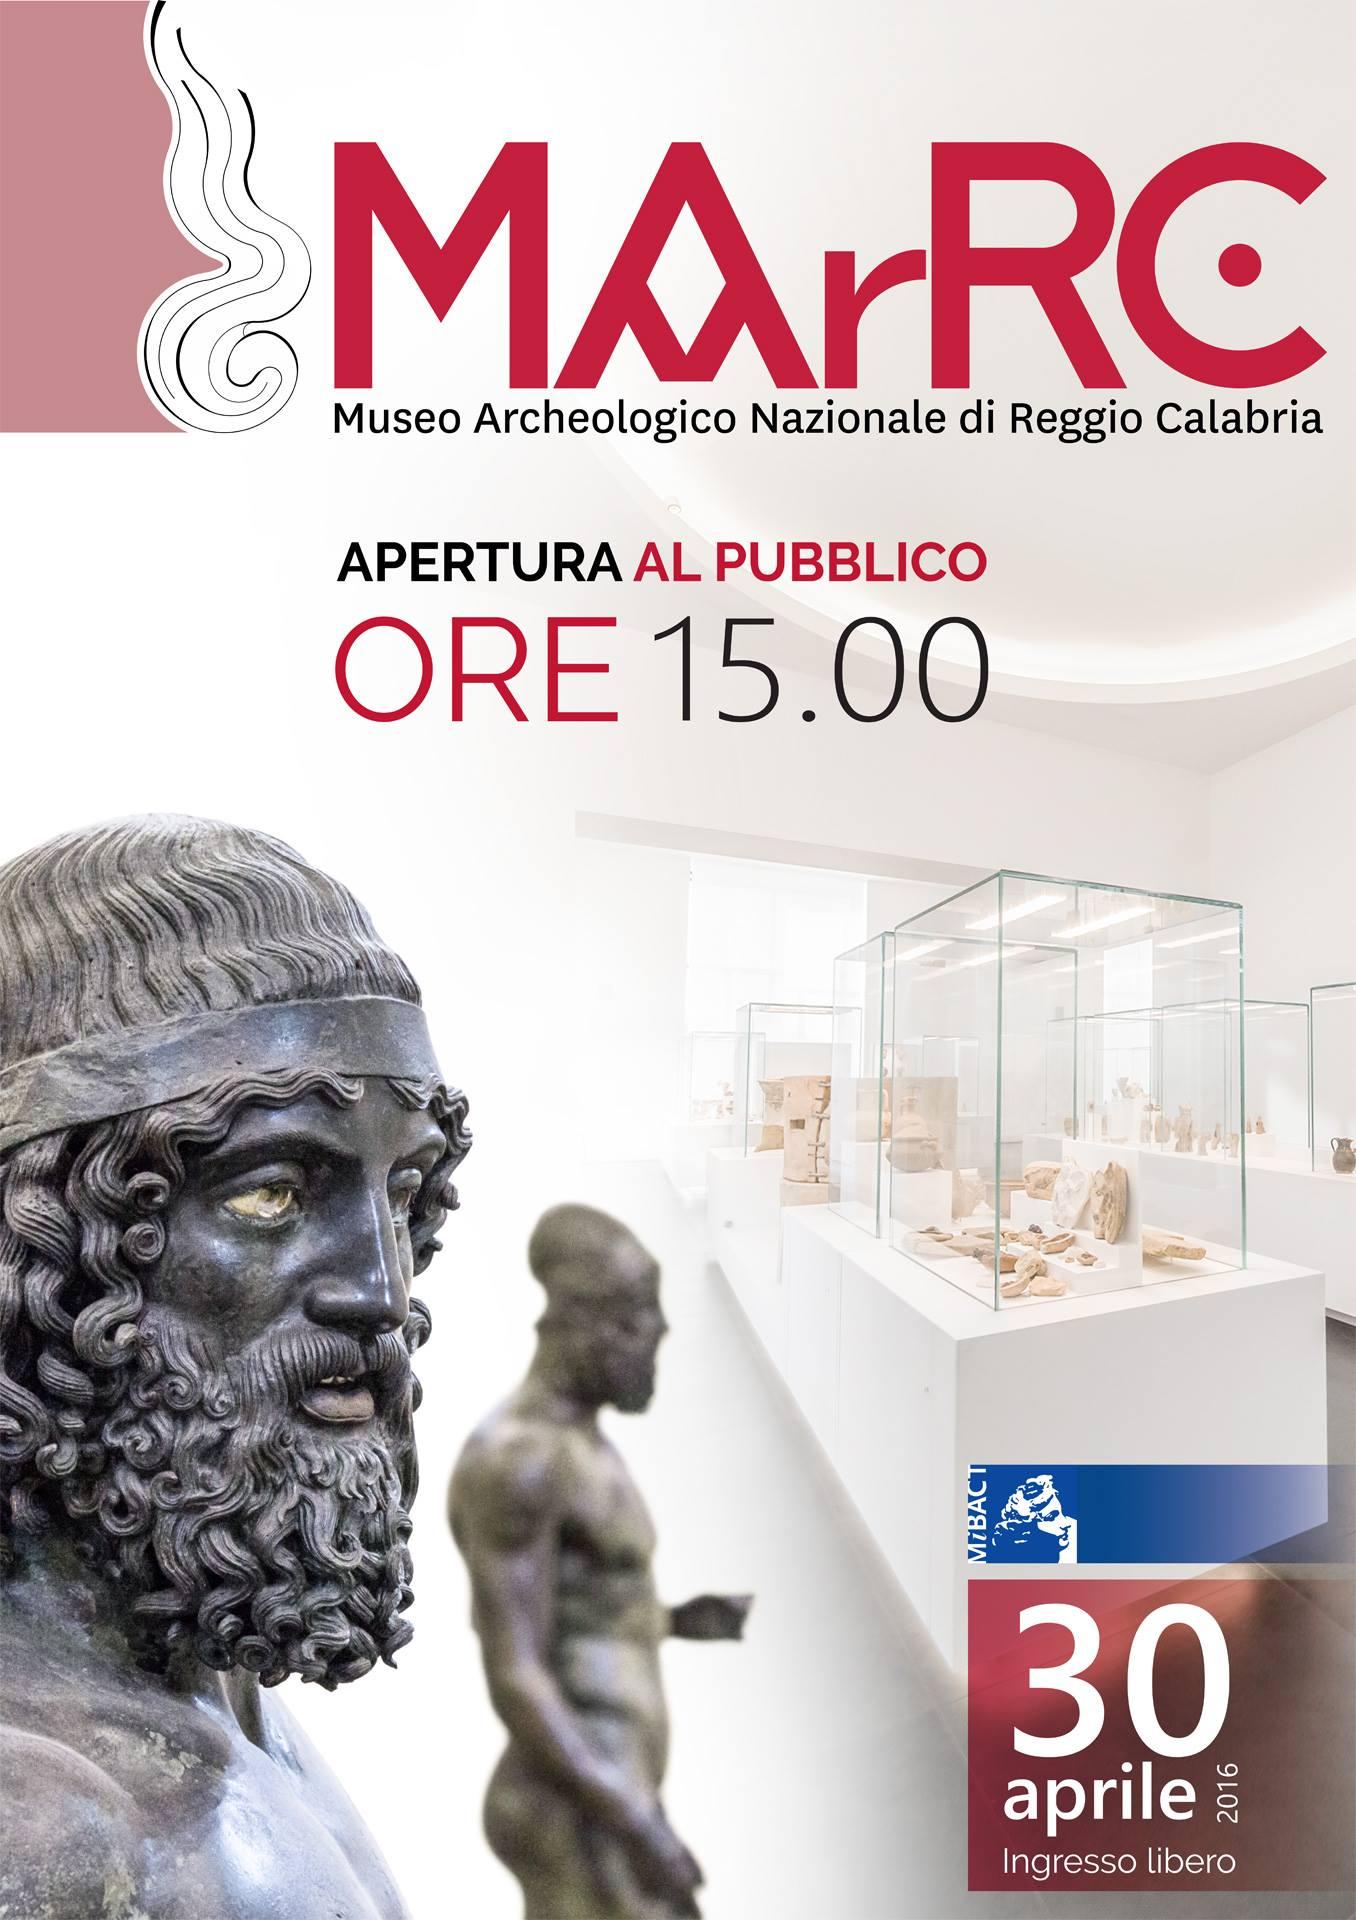 Il manifesto dedicato alla riapertura del Museo Archeologico Nazionale di Reggio Calabria